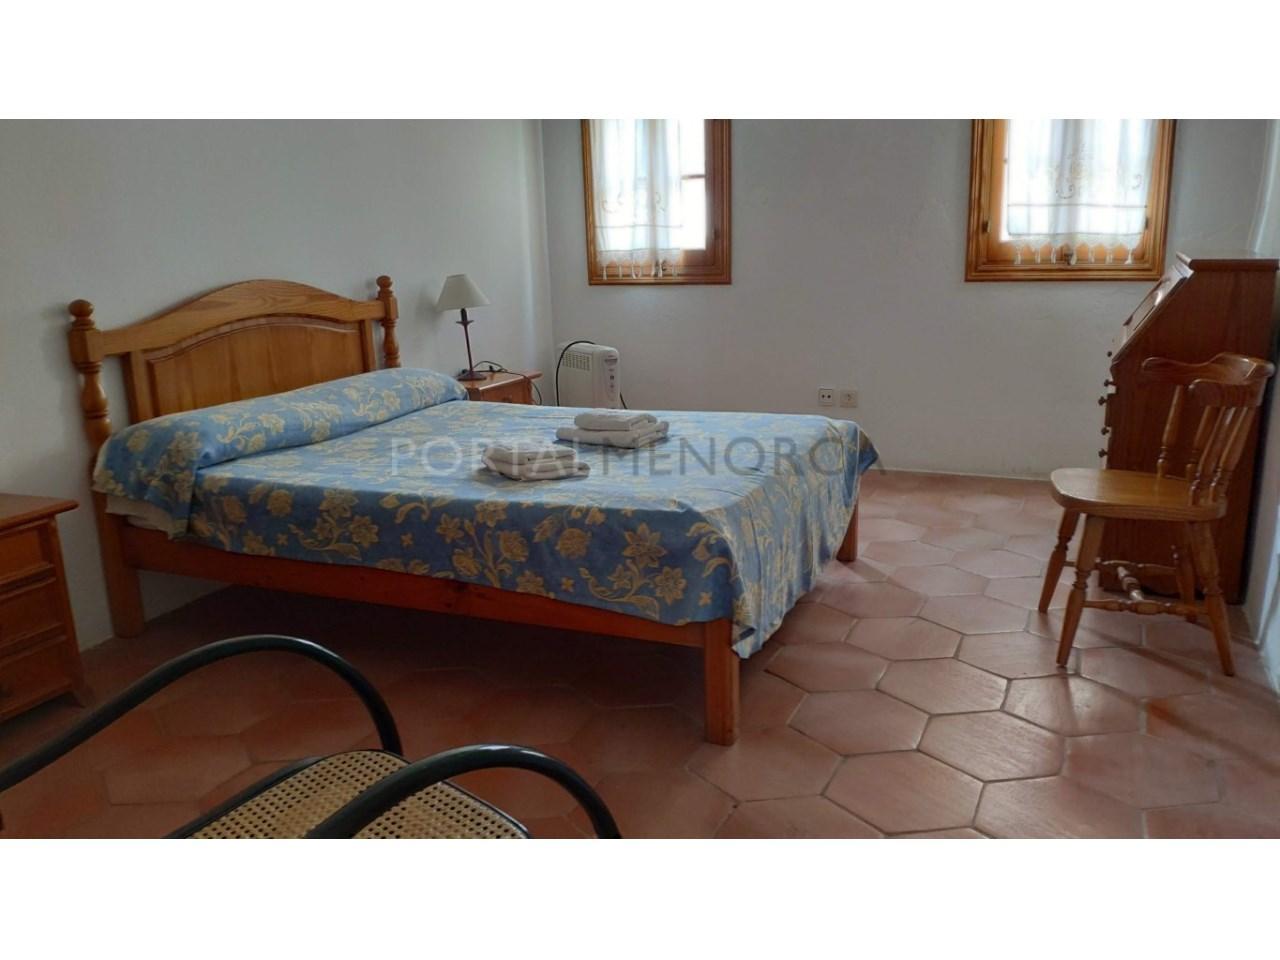 casa reformada en venta en Ciutadella de Menorca habitación